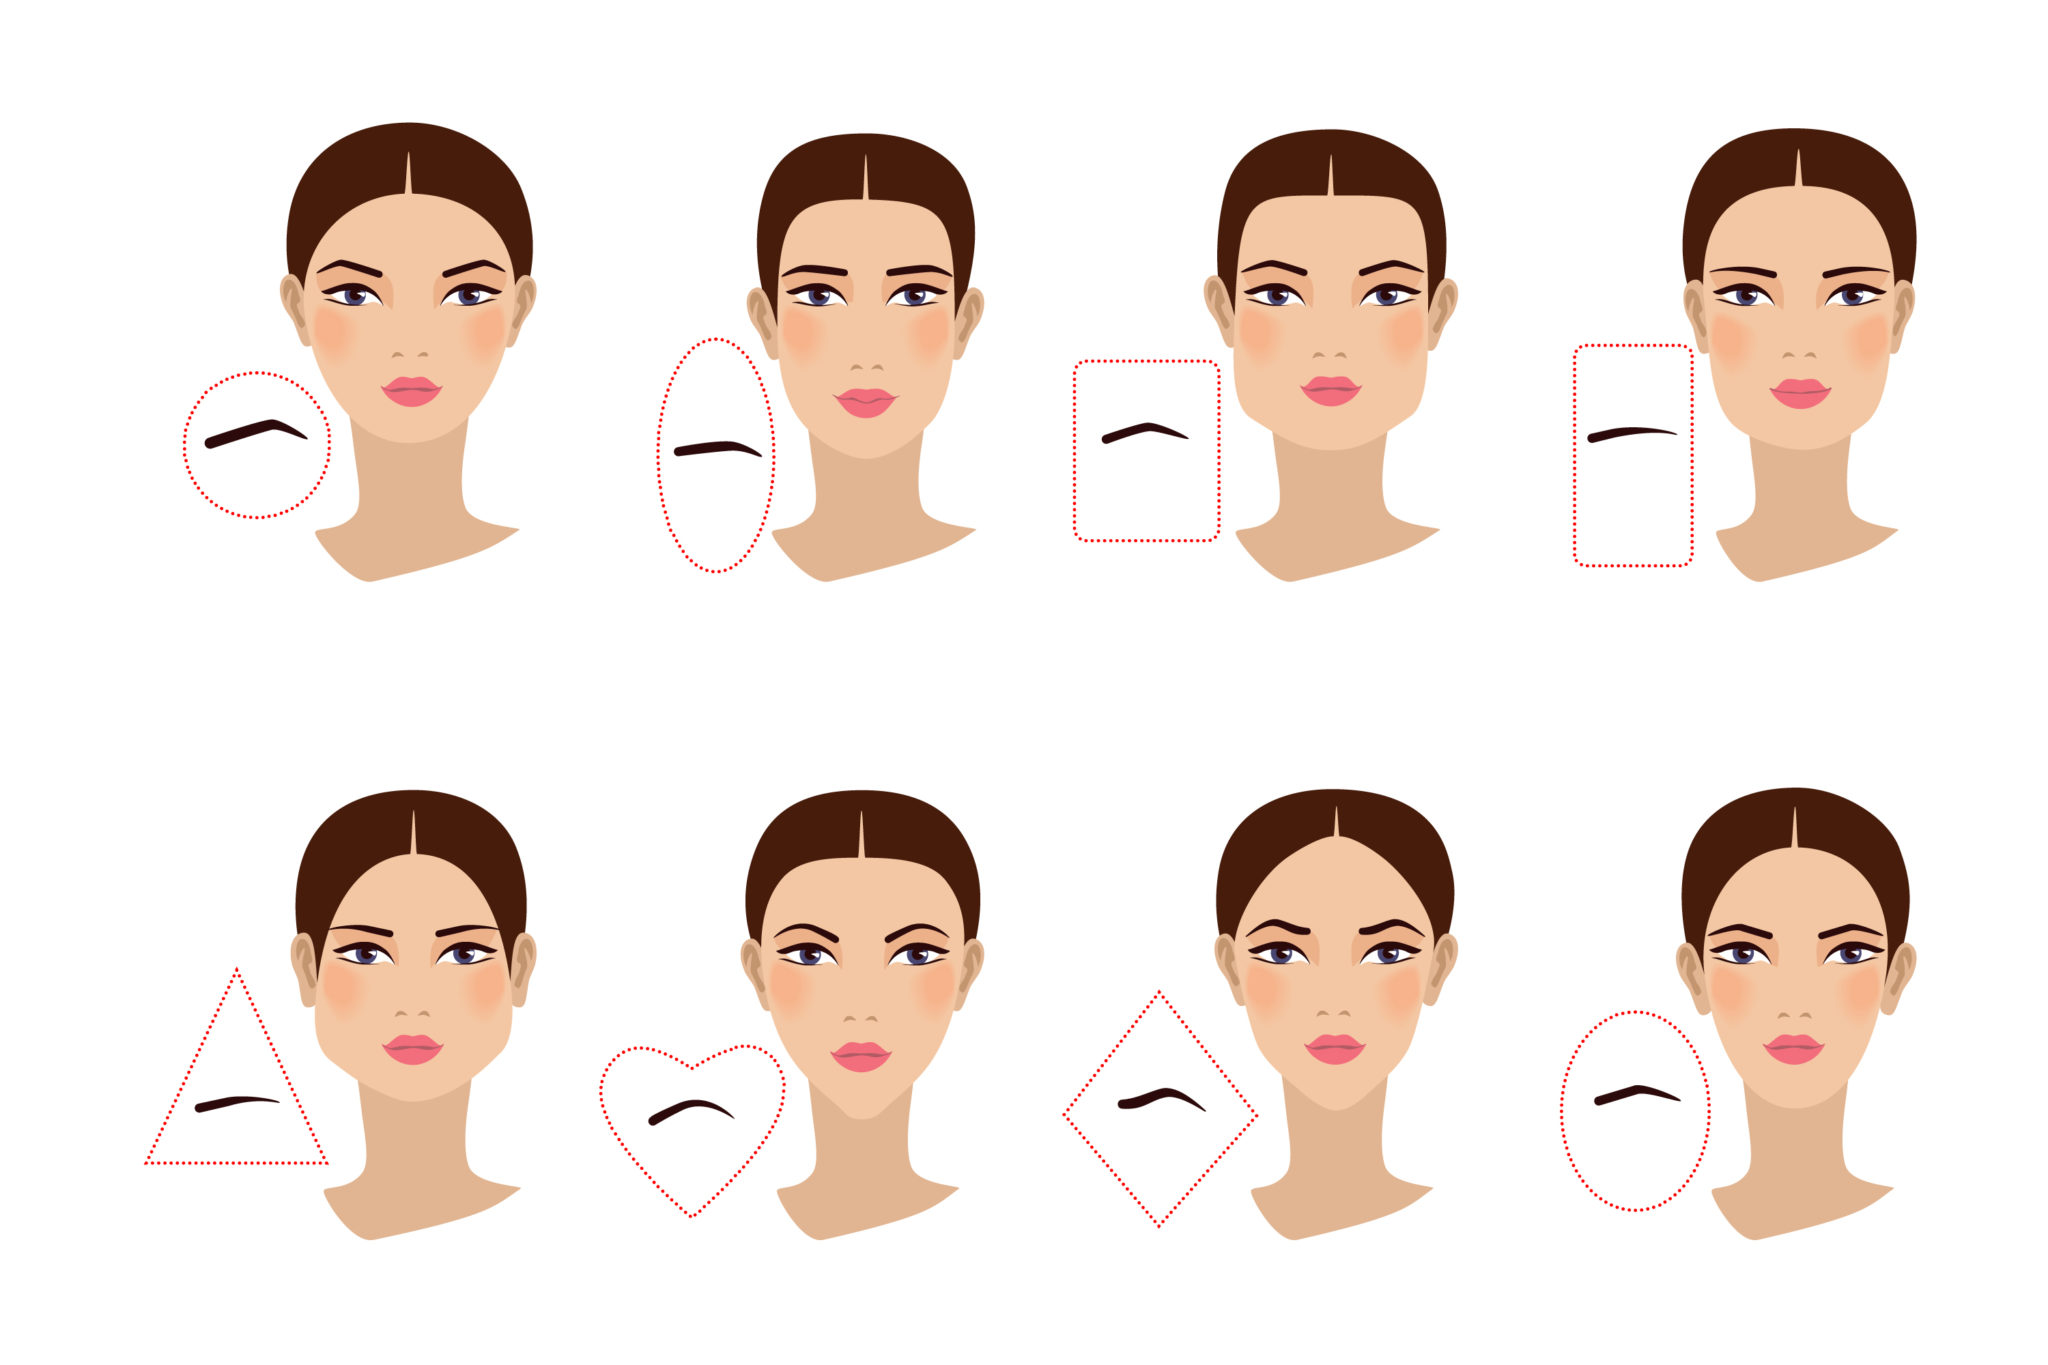 óżne kształty brwi zależnie od kształtu twarzy